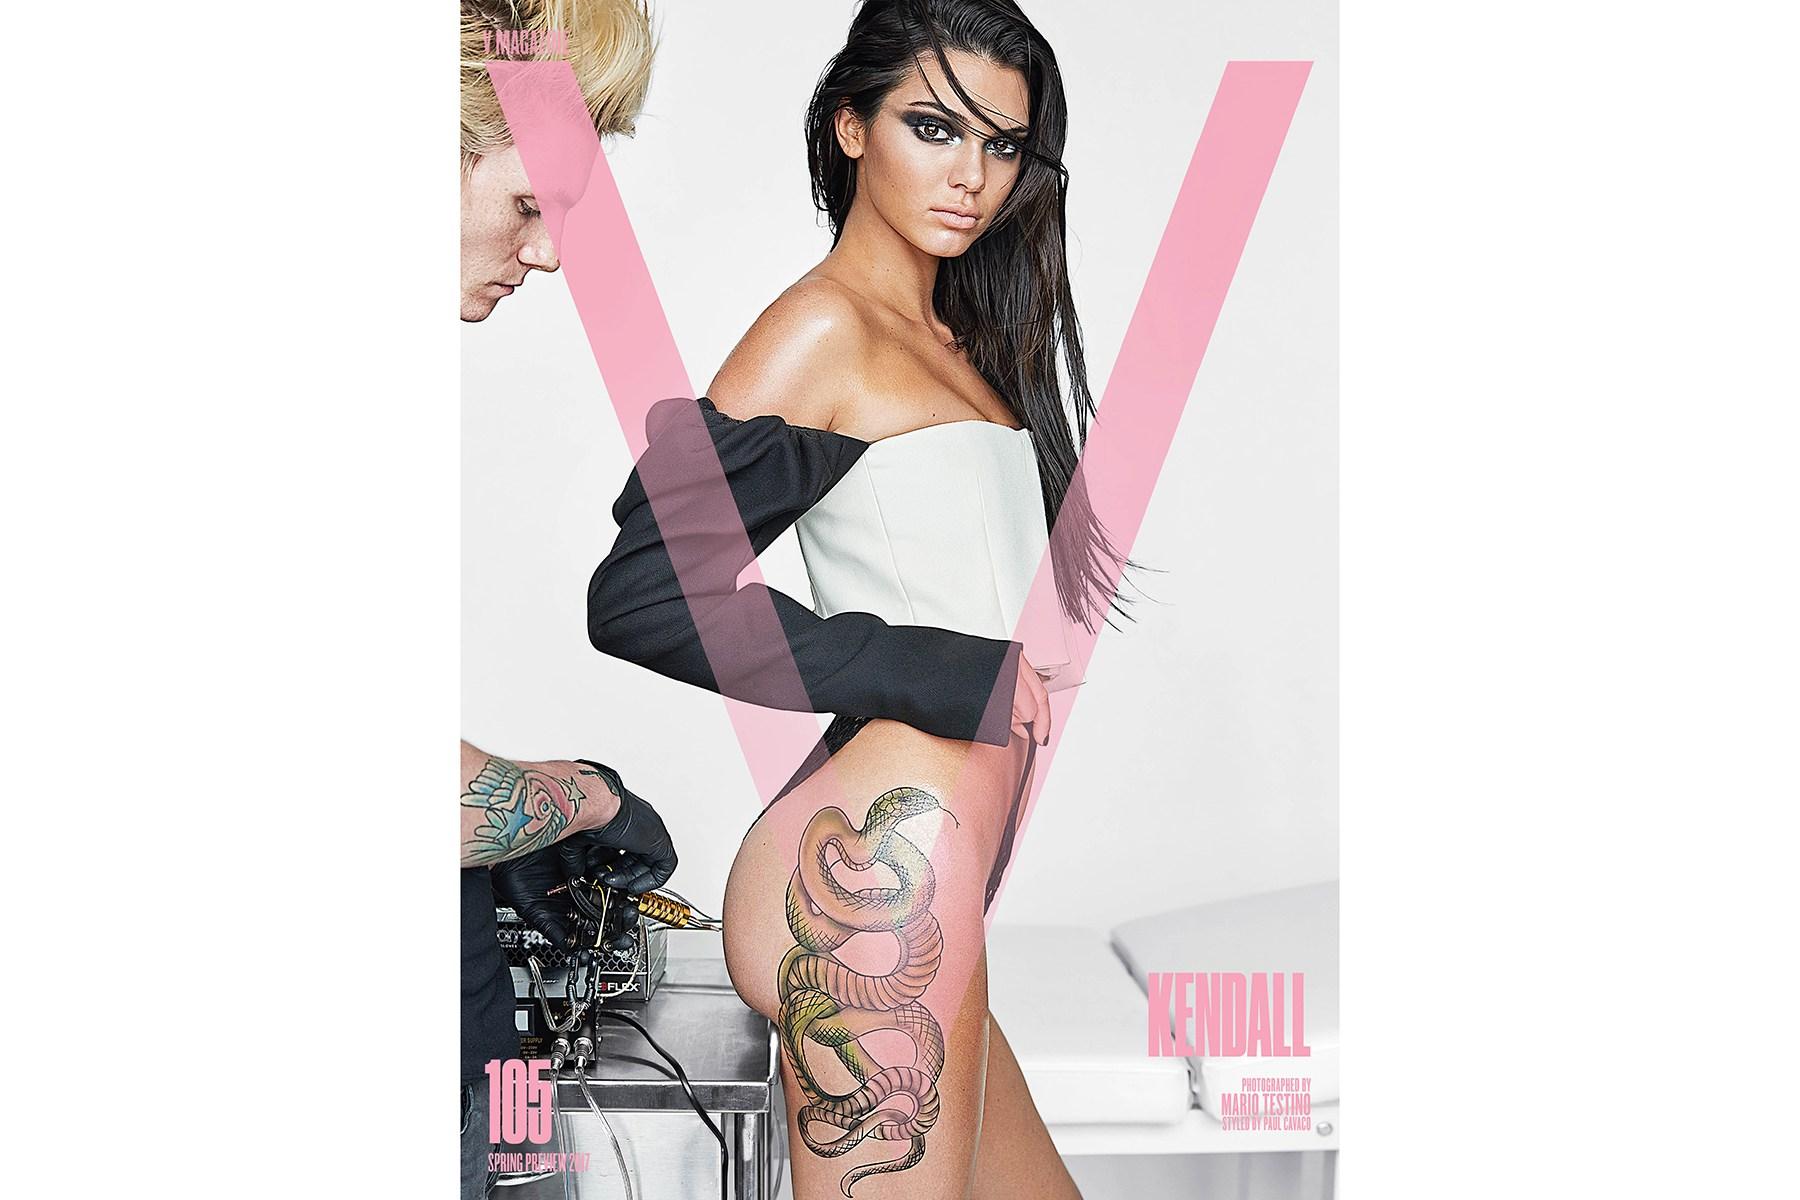 kendall-jenner-v-magazine-2017-january-cover-2